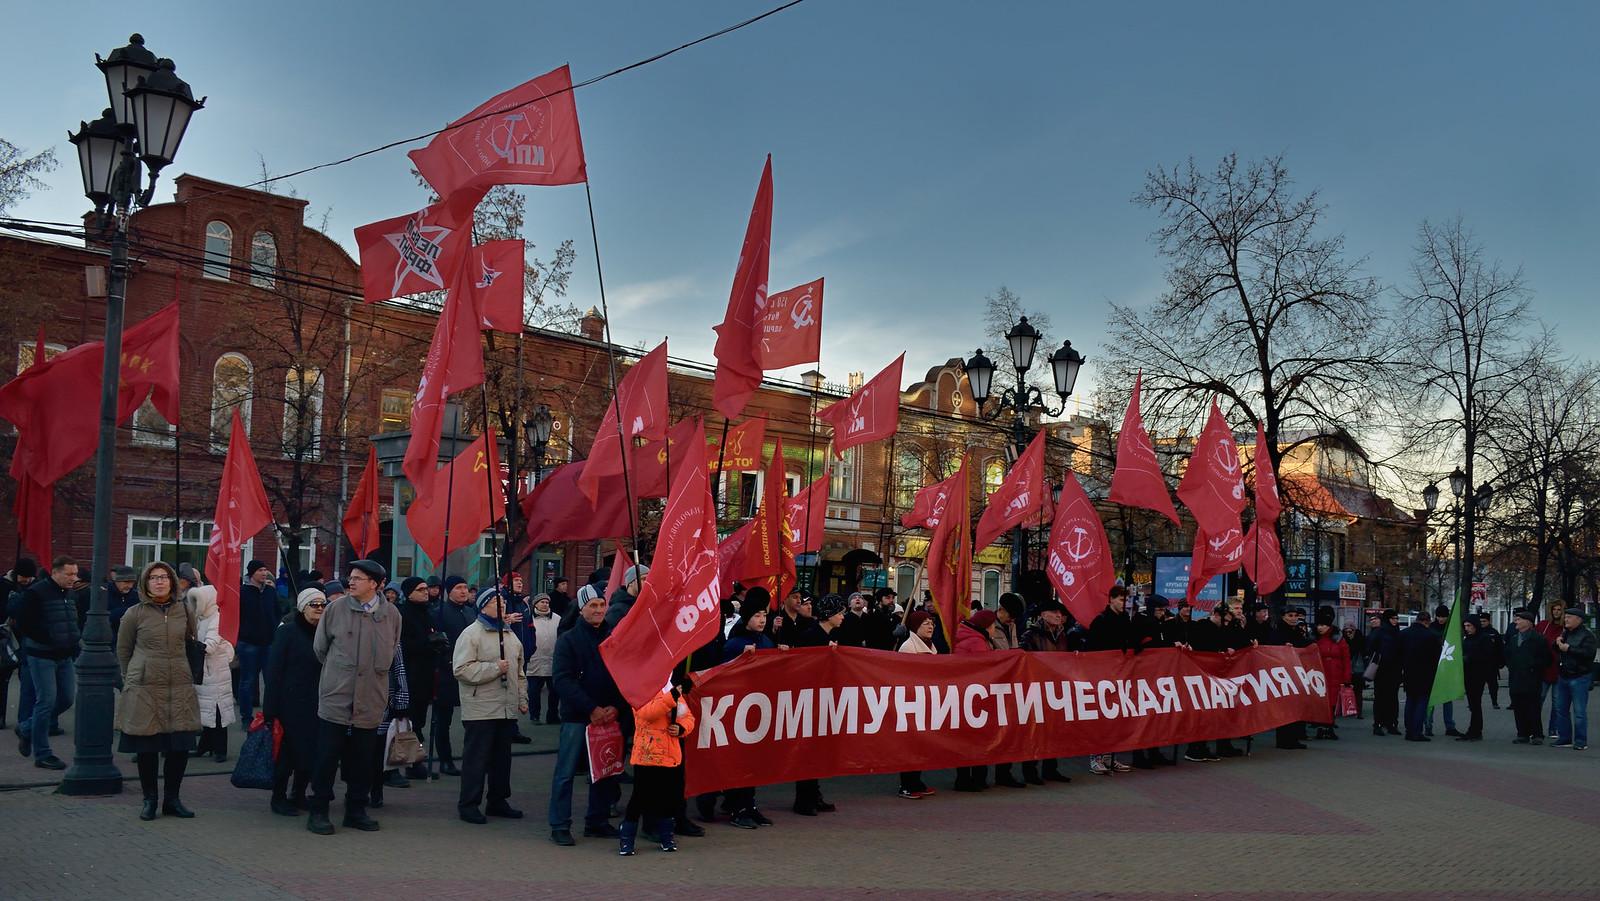 Челябинск митинг зюгановской партии 7 ноября 2018 года